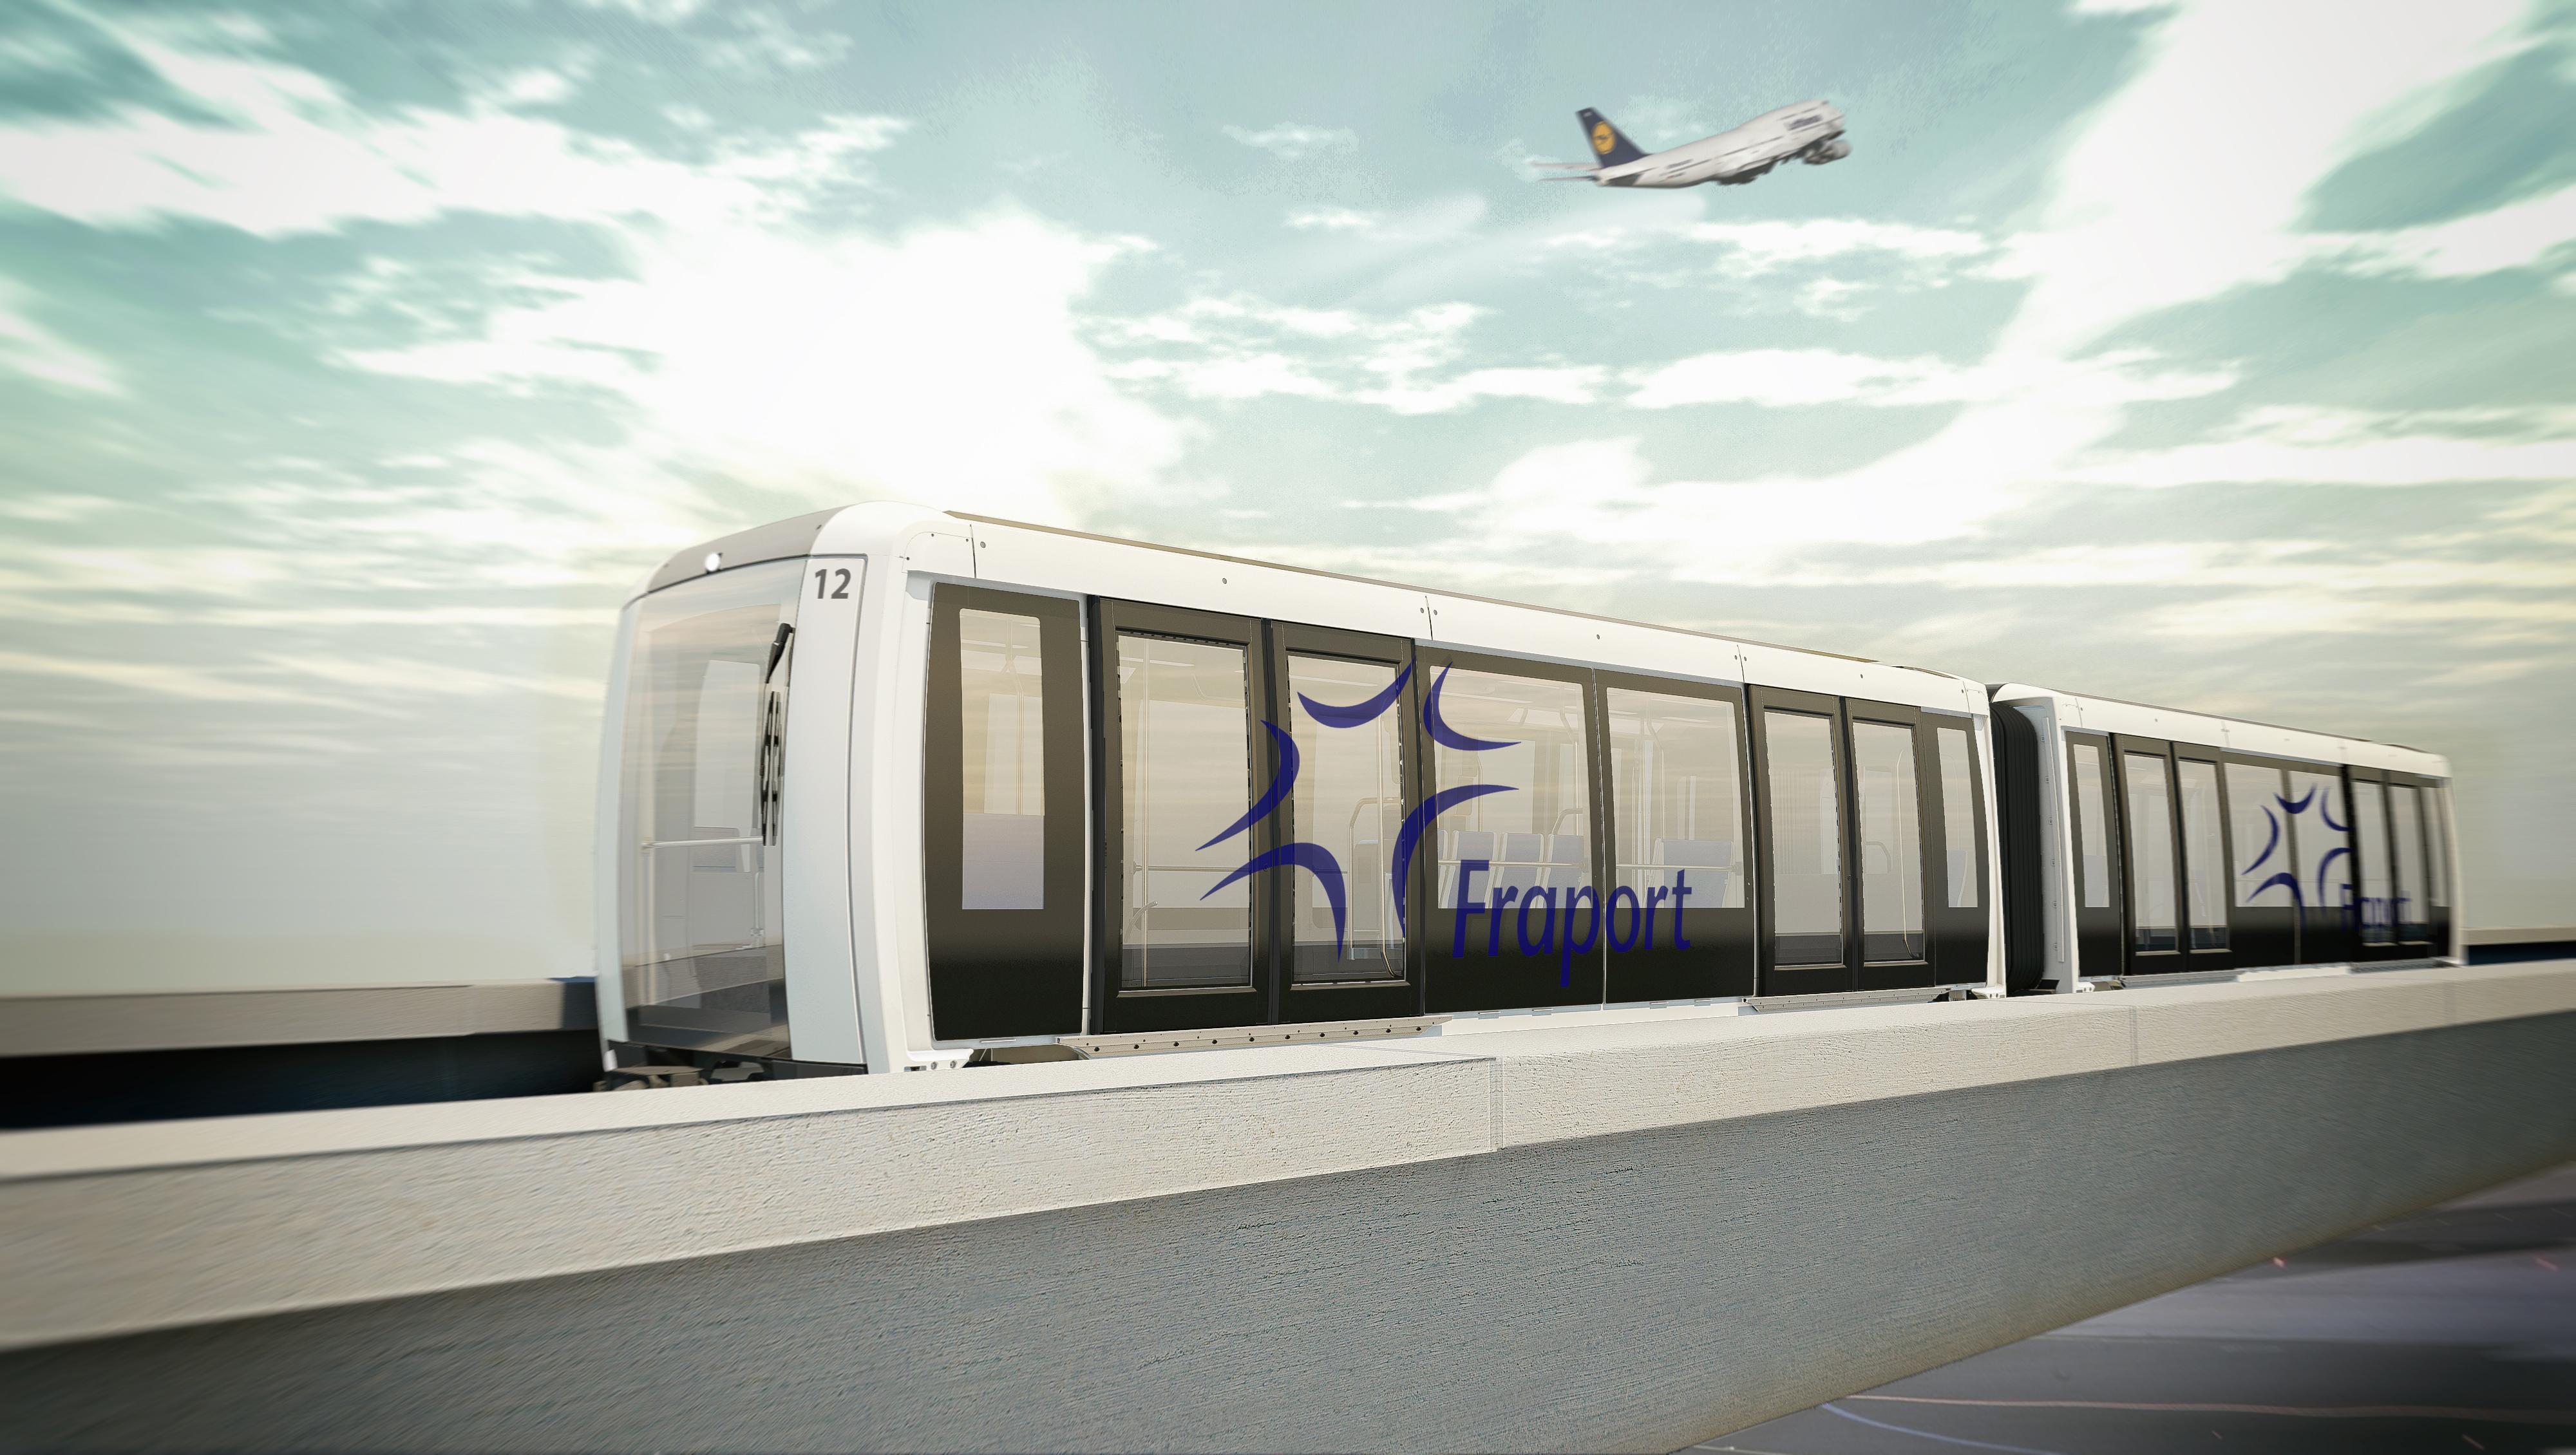 Automatizálják az utasszállító rendszert a frankfurti repülőtéren